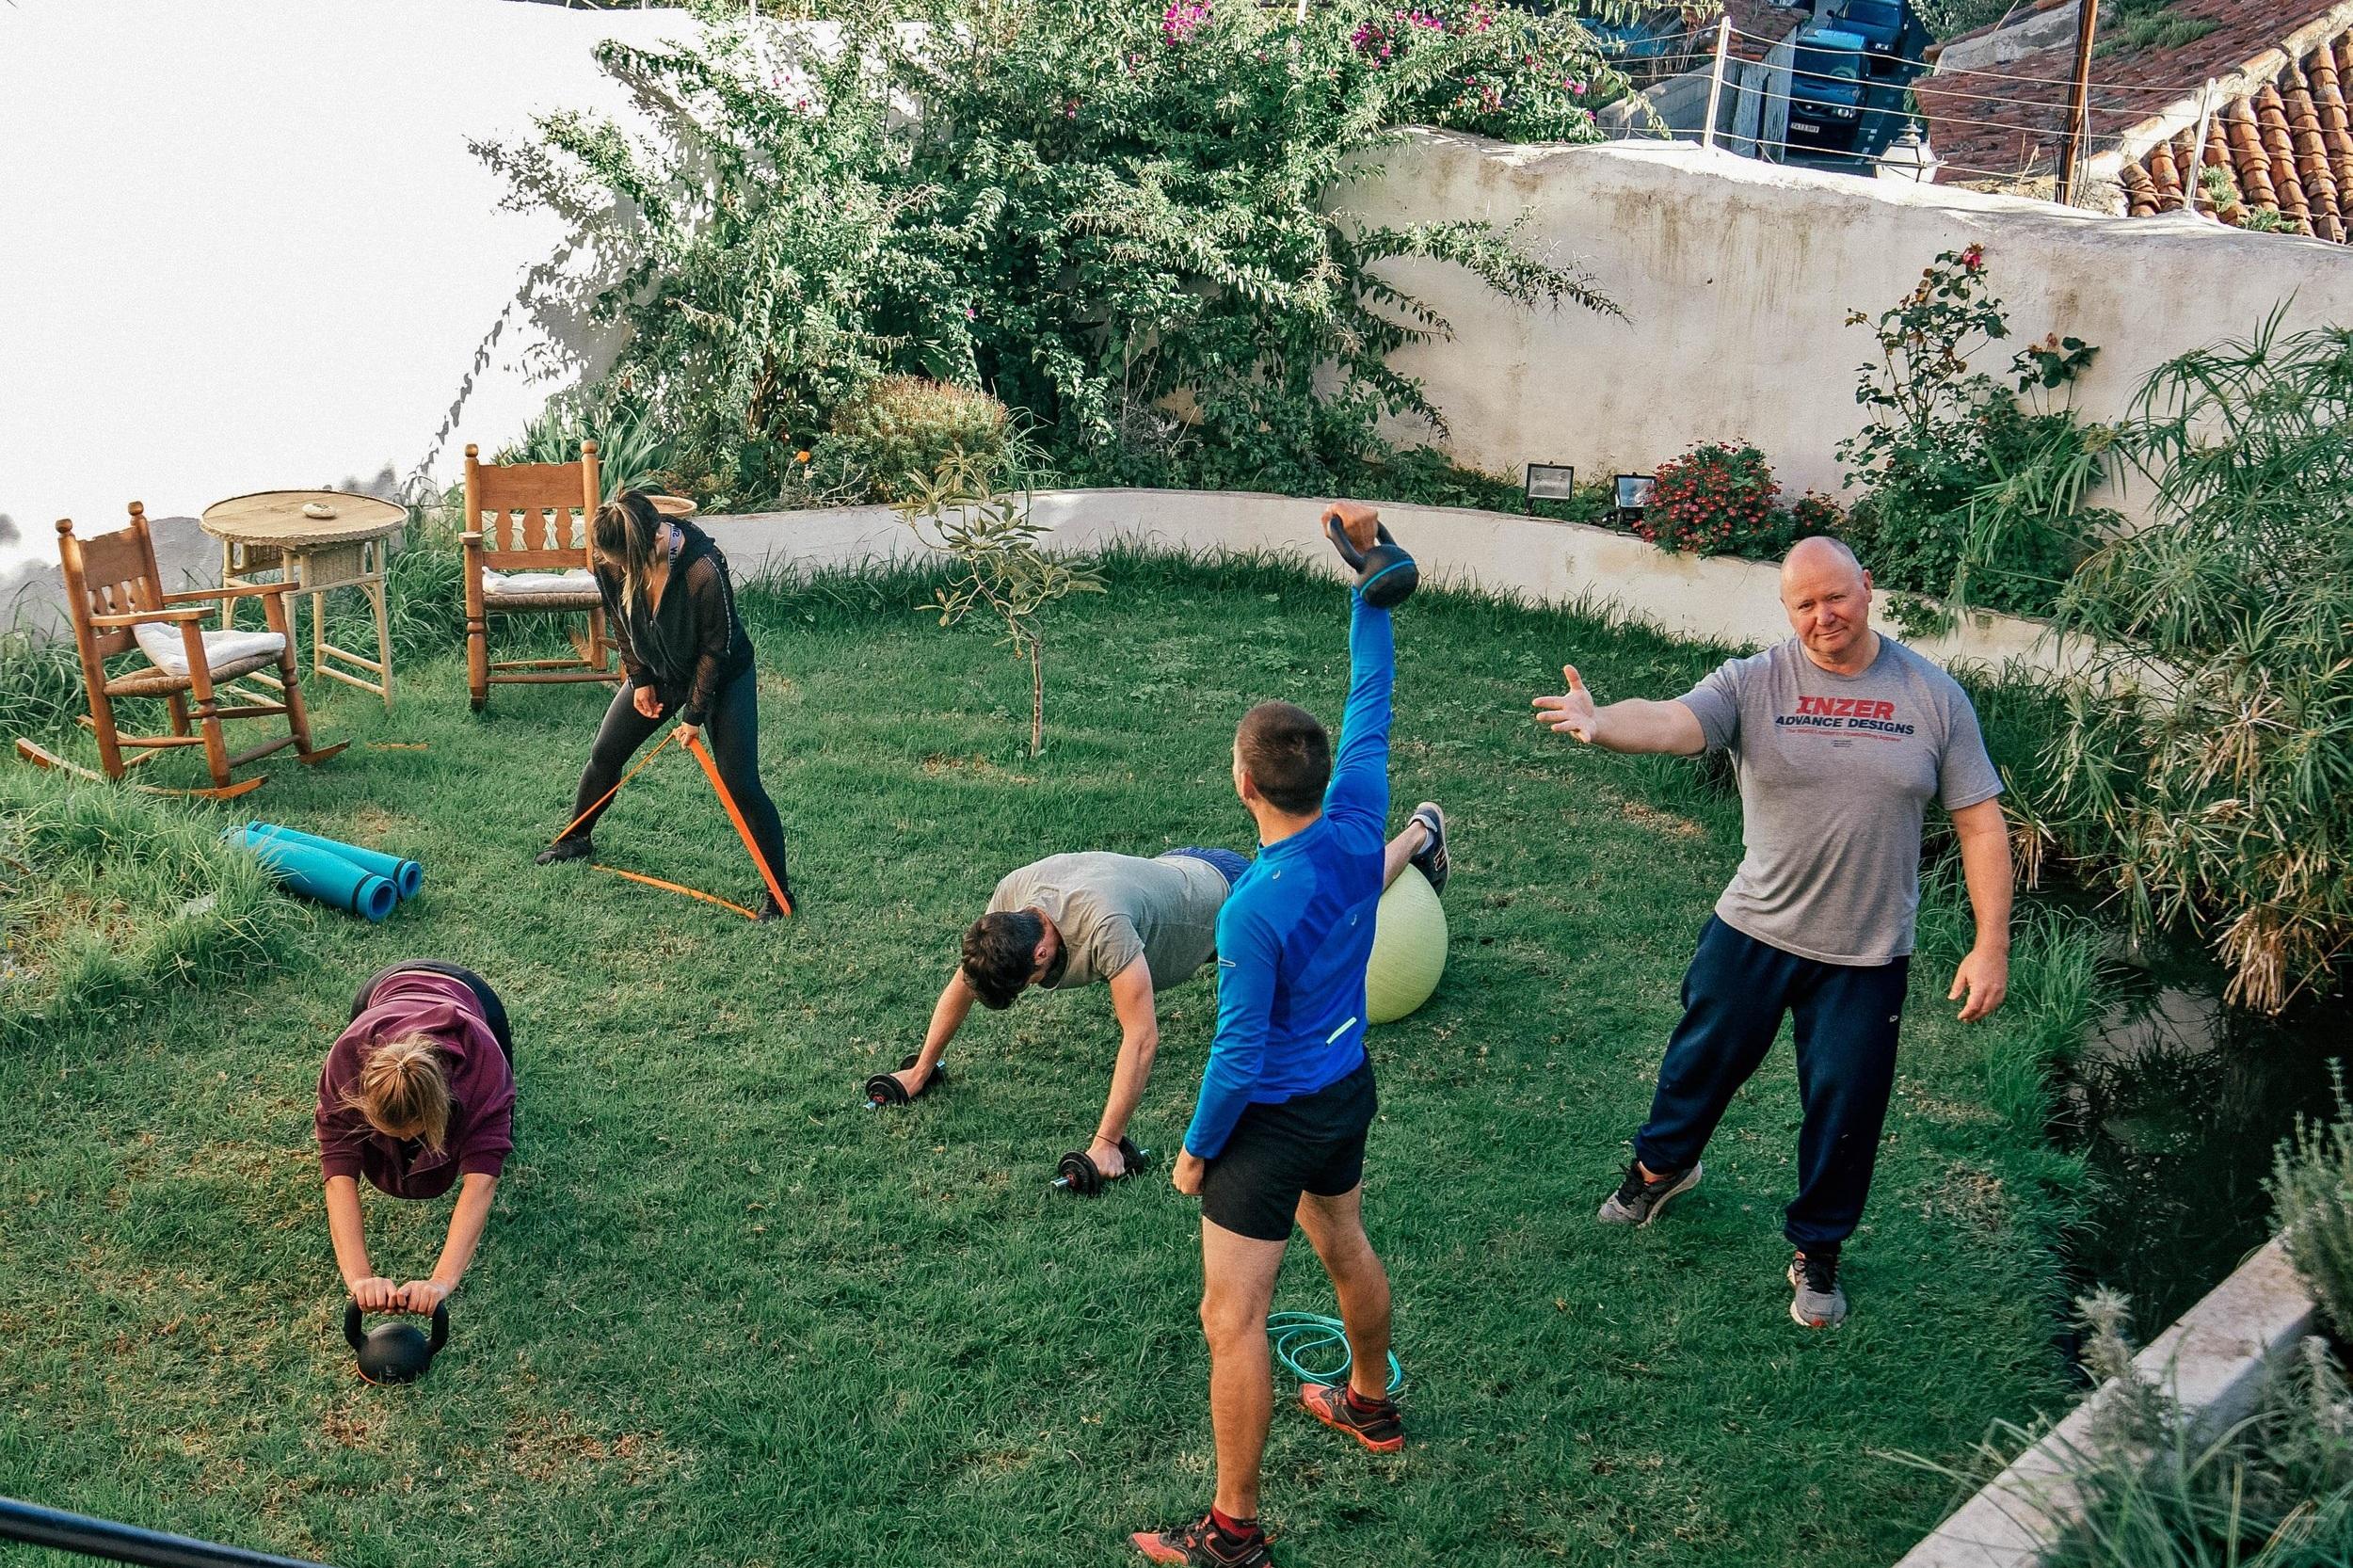 workout-garden-nine-coliving (1 of 1).jpg